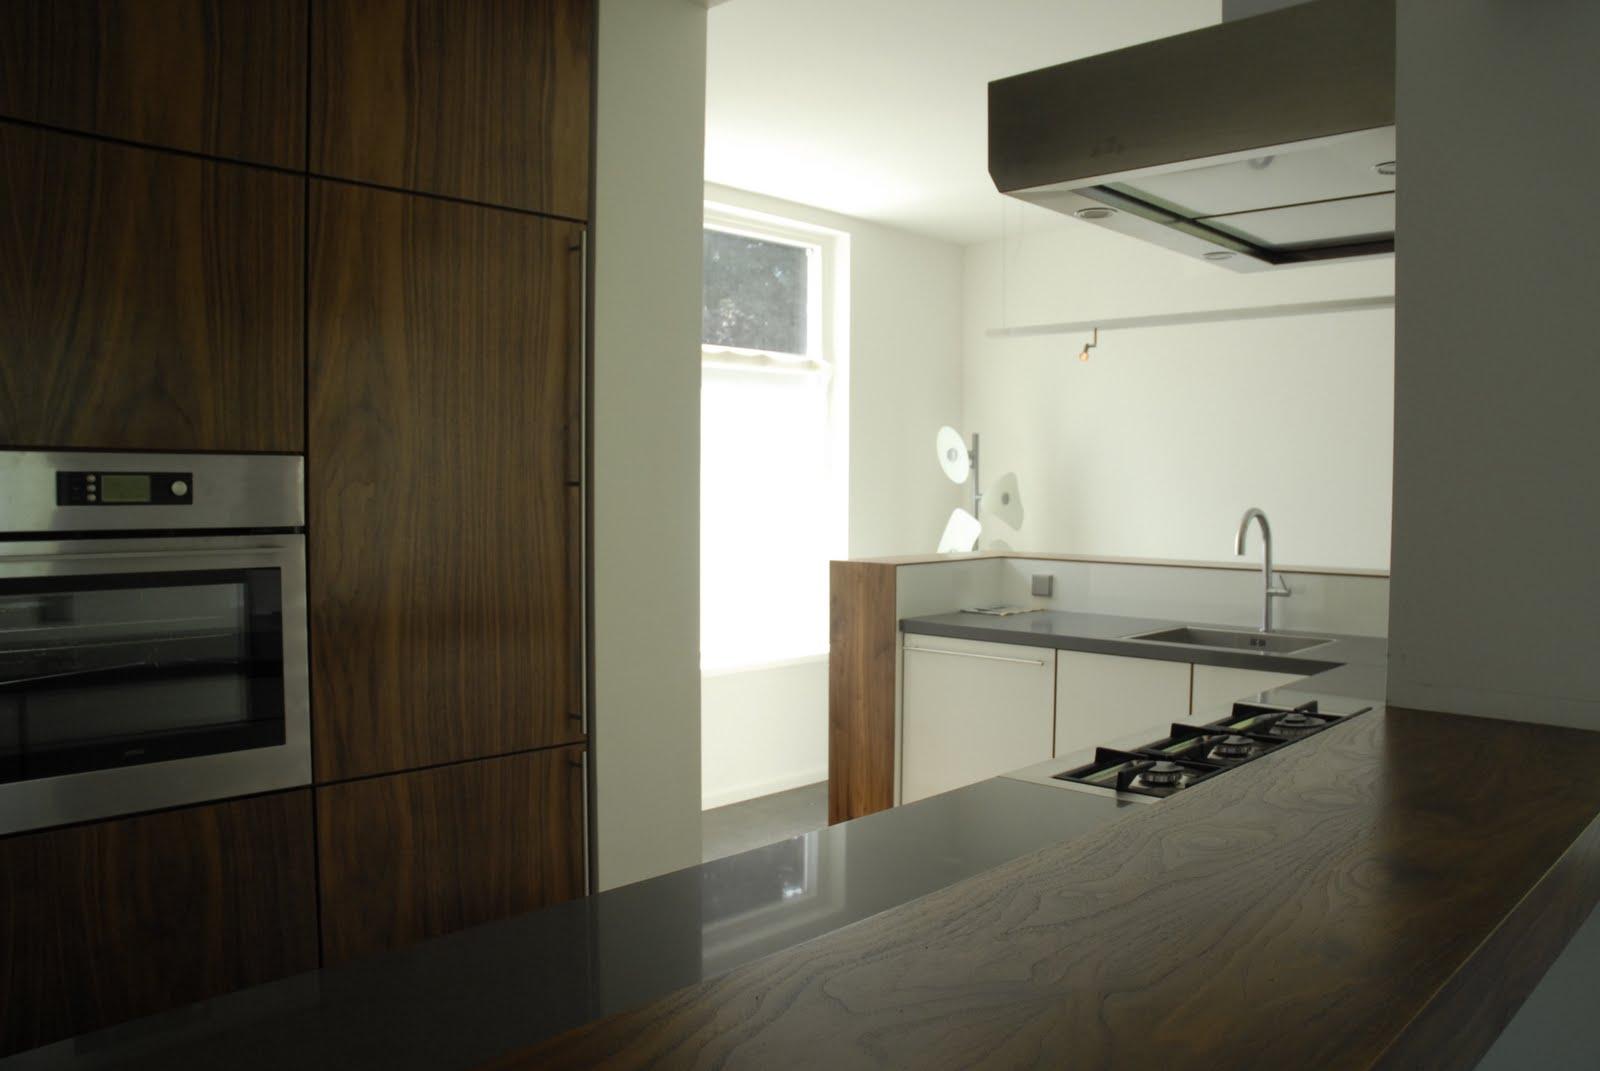 Keuken gebouwd door studio de klijn ism meubels van pi - Meubels studio keuken ...